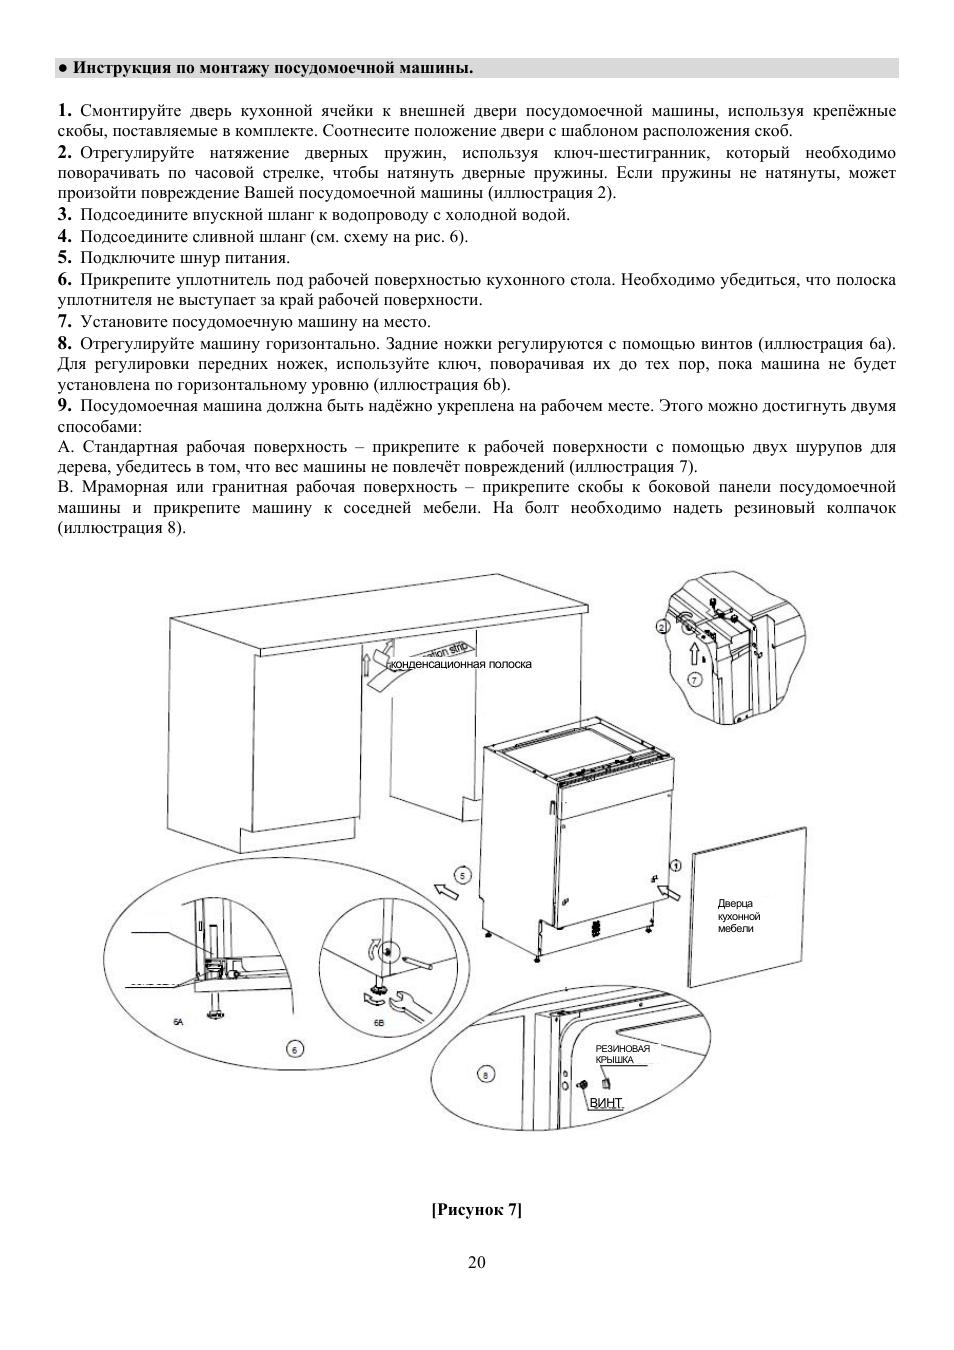 teka машина инструкция по эксплуатации посудомоечная